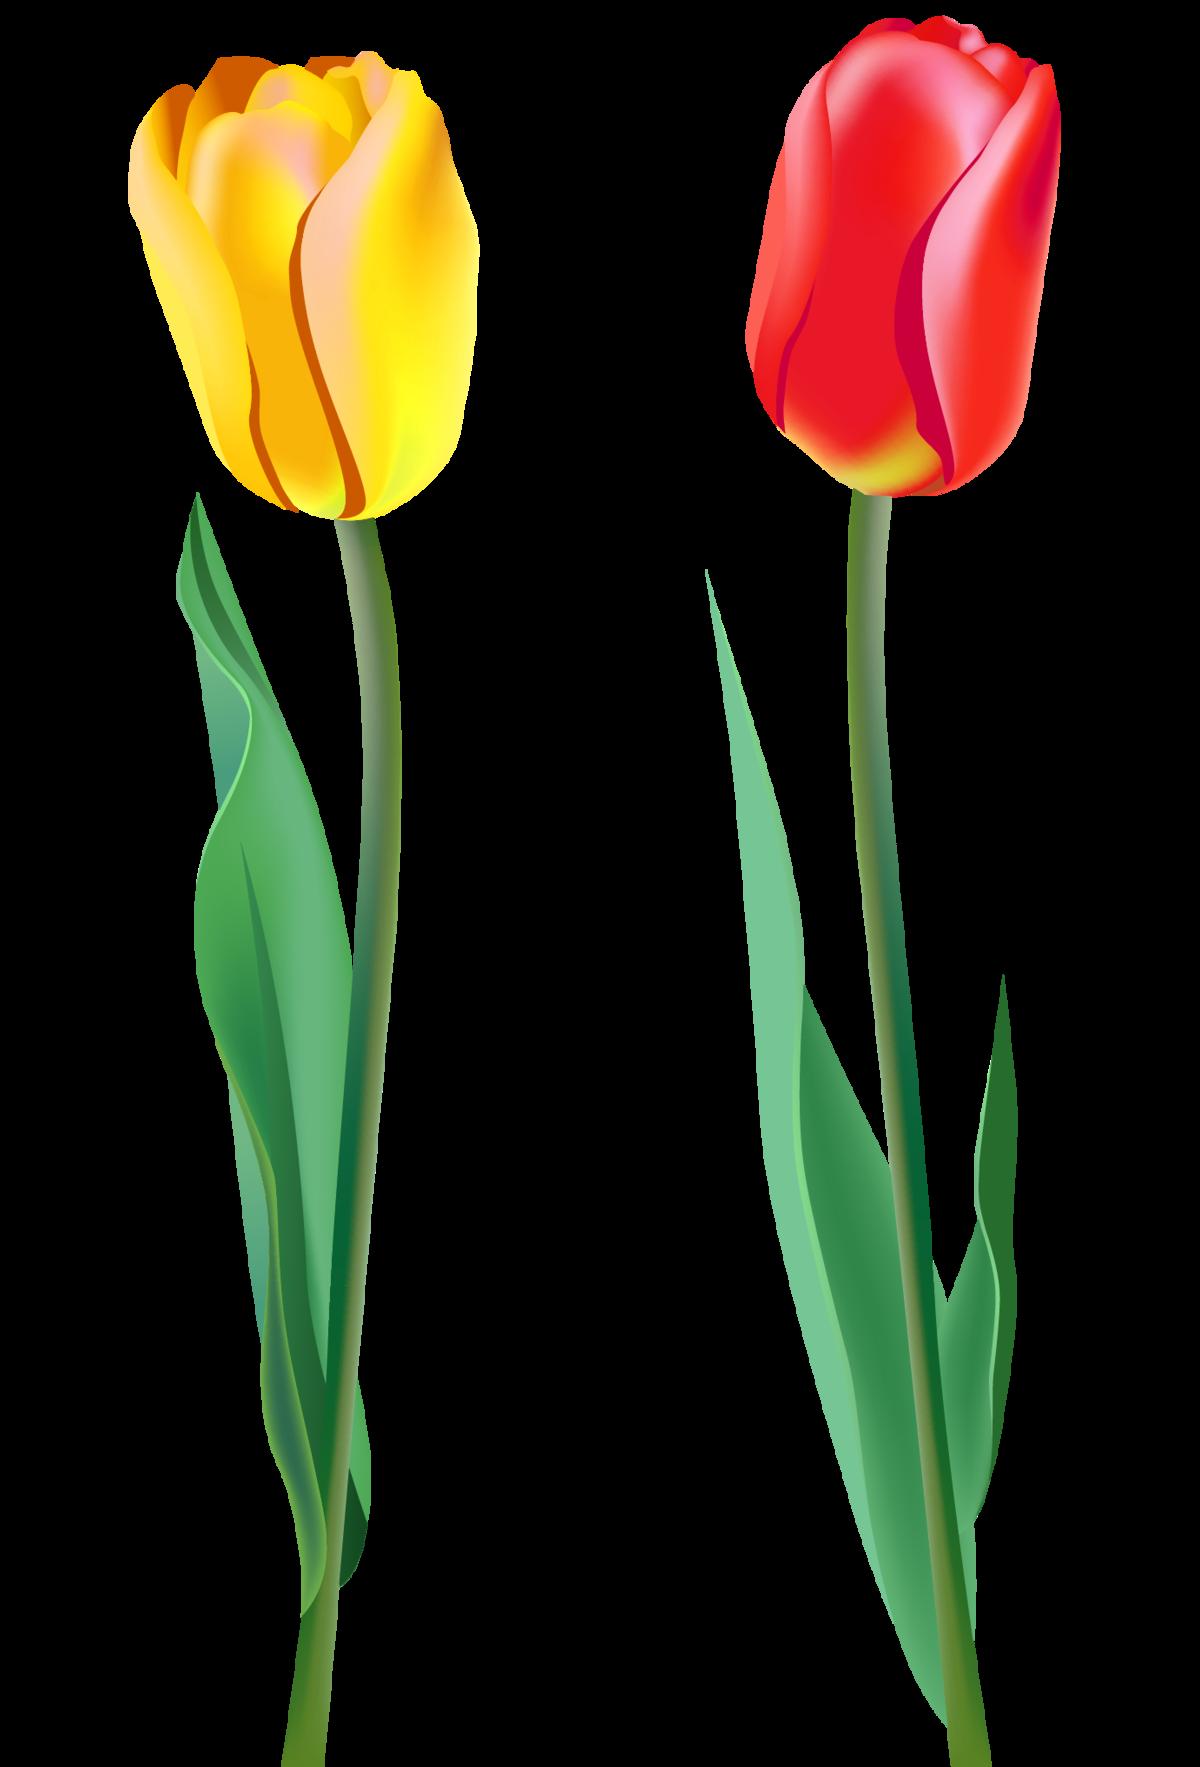 Картинка тюльпаны на прозрачном фоне, анимешные смешные открытка